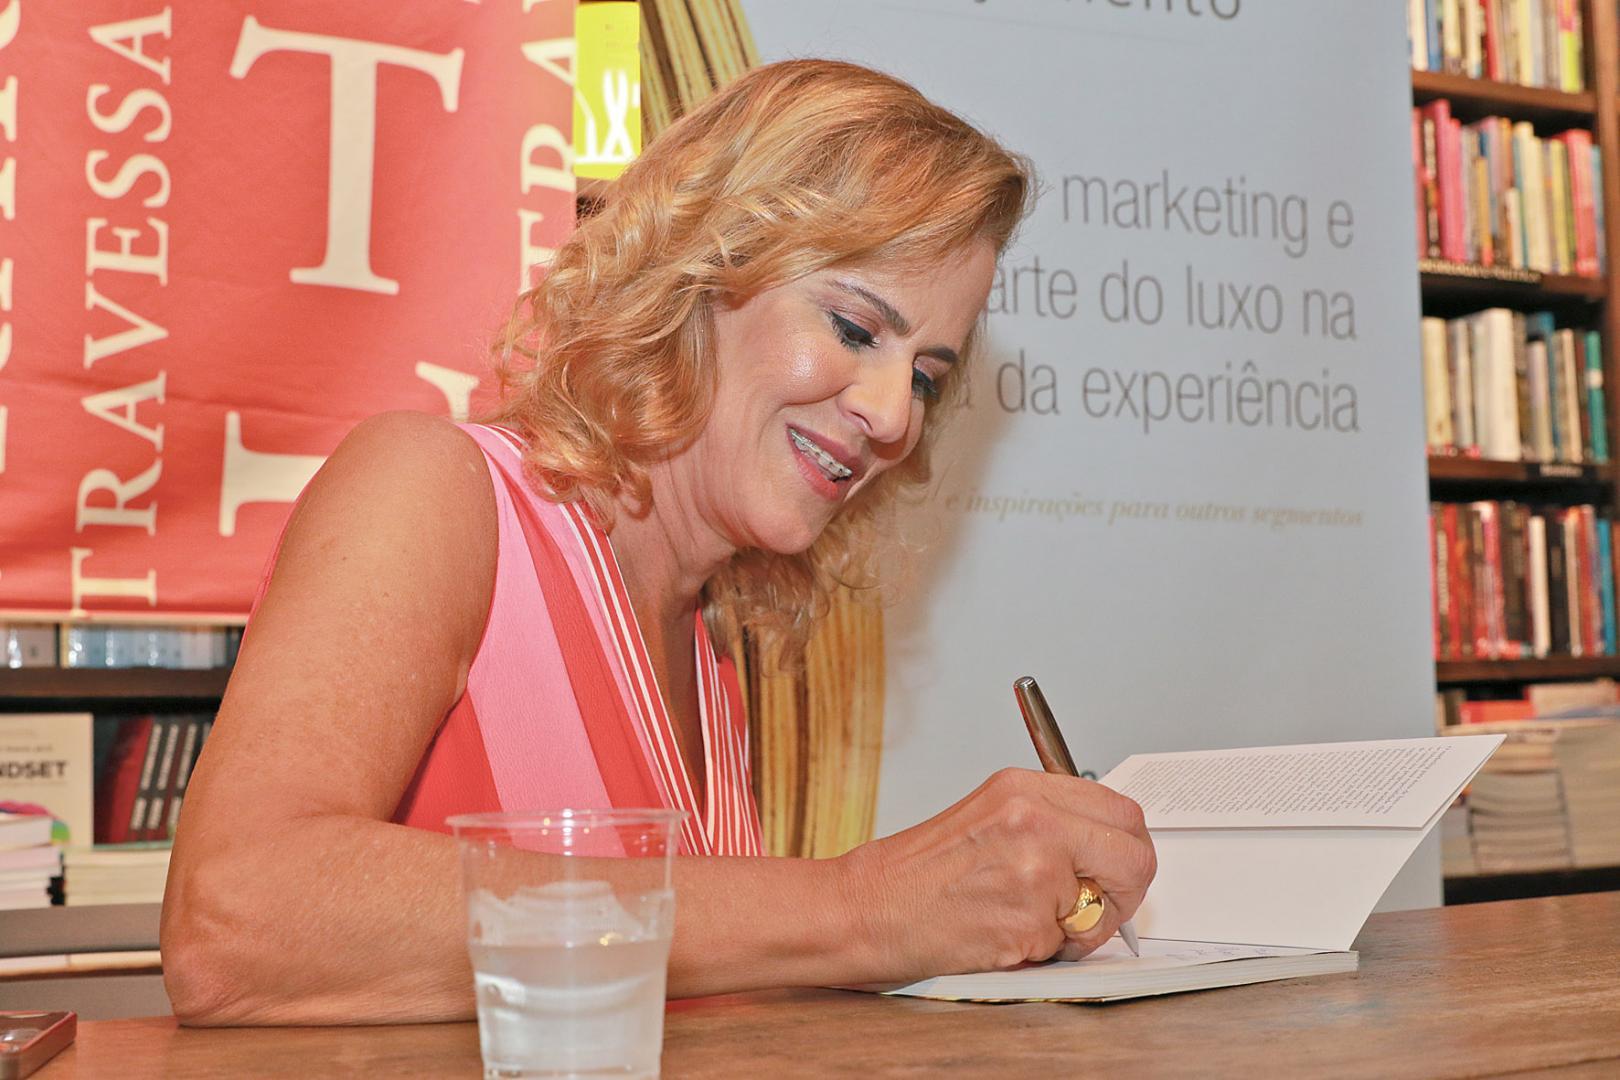 """Rosana de Moraes lança """"O Marketing e a Arte do Luxo na Era da Experiência"""" na Livraria Travessa Ipanema"""